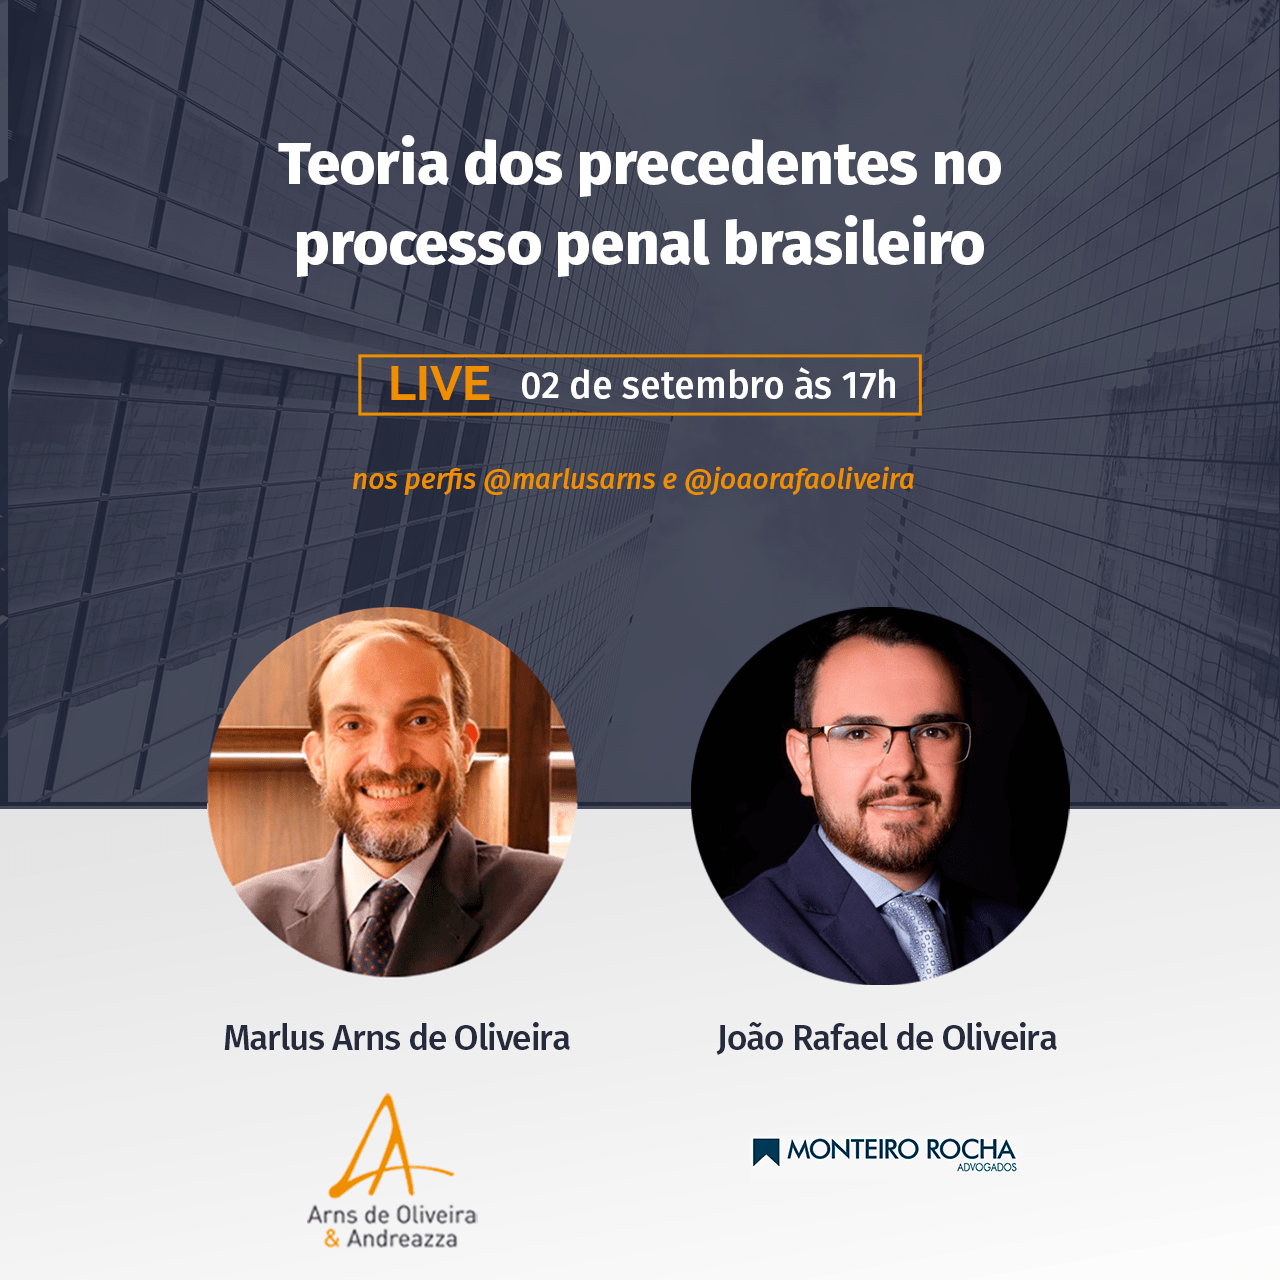 Live sobre a Teoria dos precedentes no processo penal brasileiro